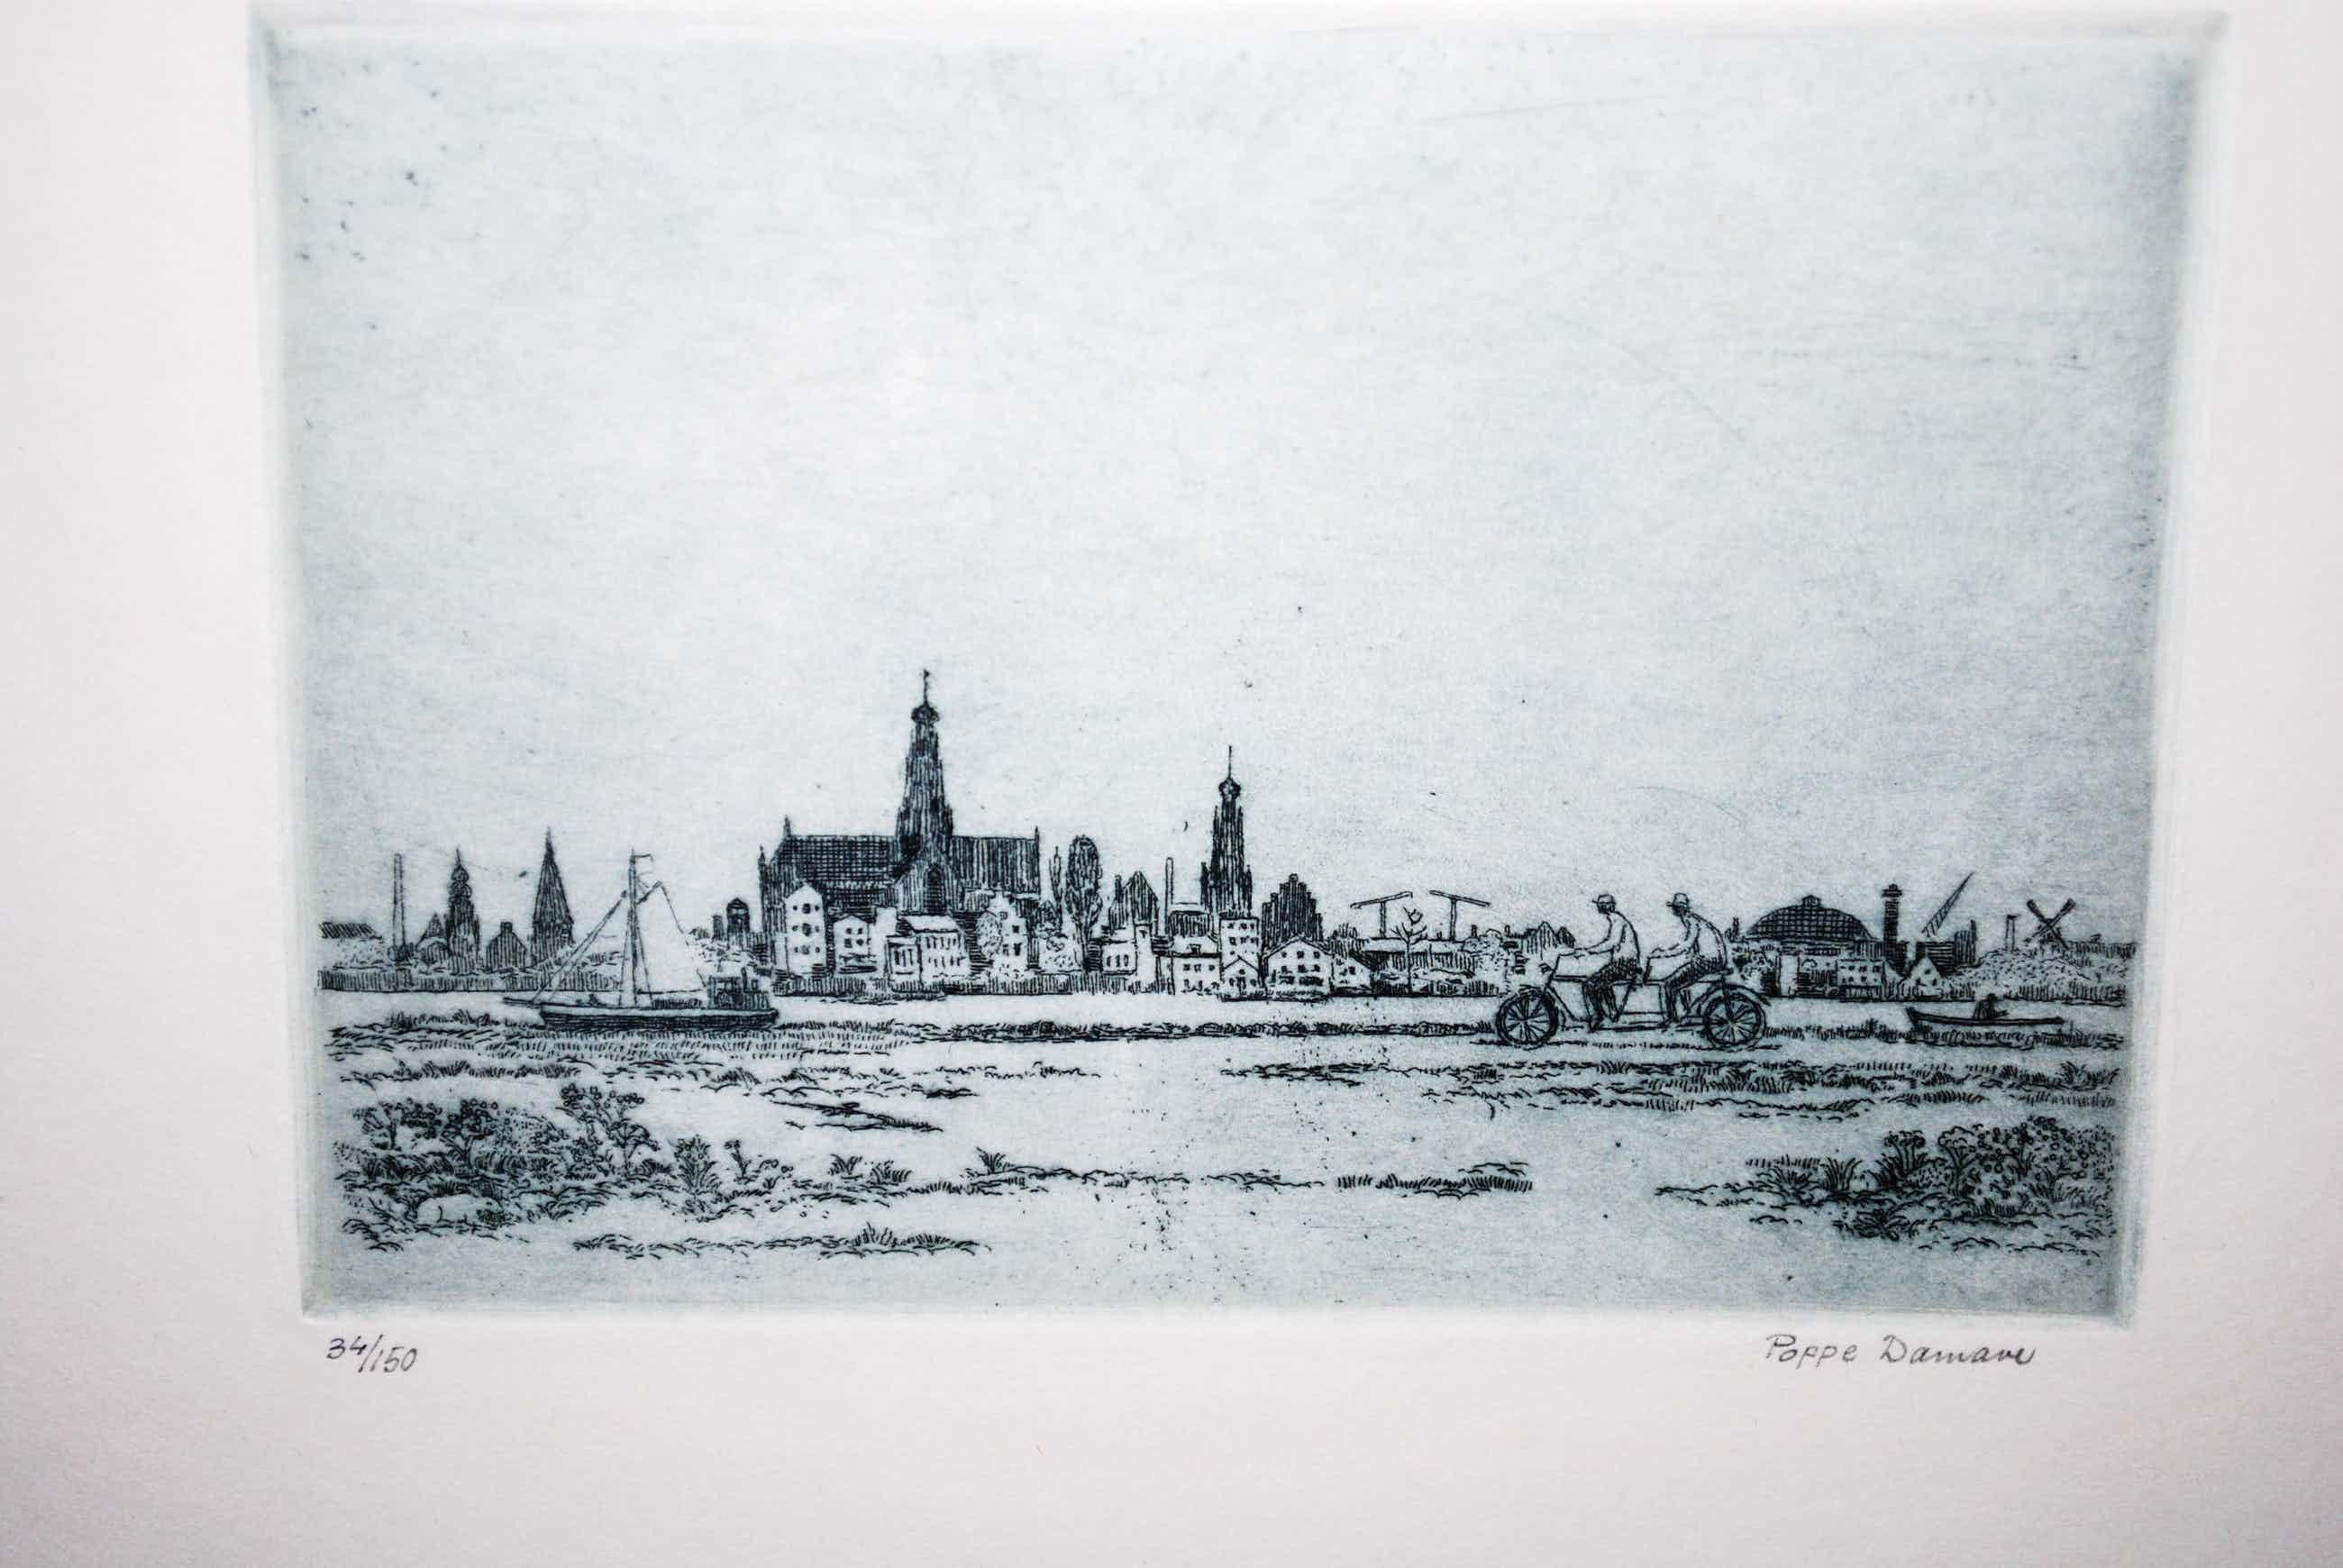 Poppe Damave - ets, oplage 150 - Langs het Spaarne, Haarlem kopen? Bied vanaf 35!